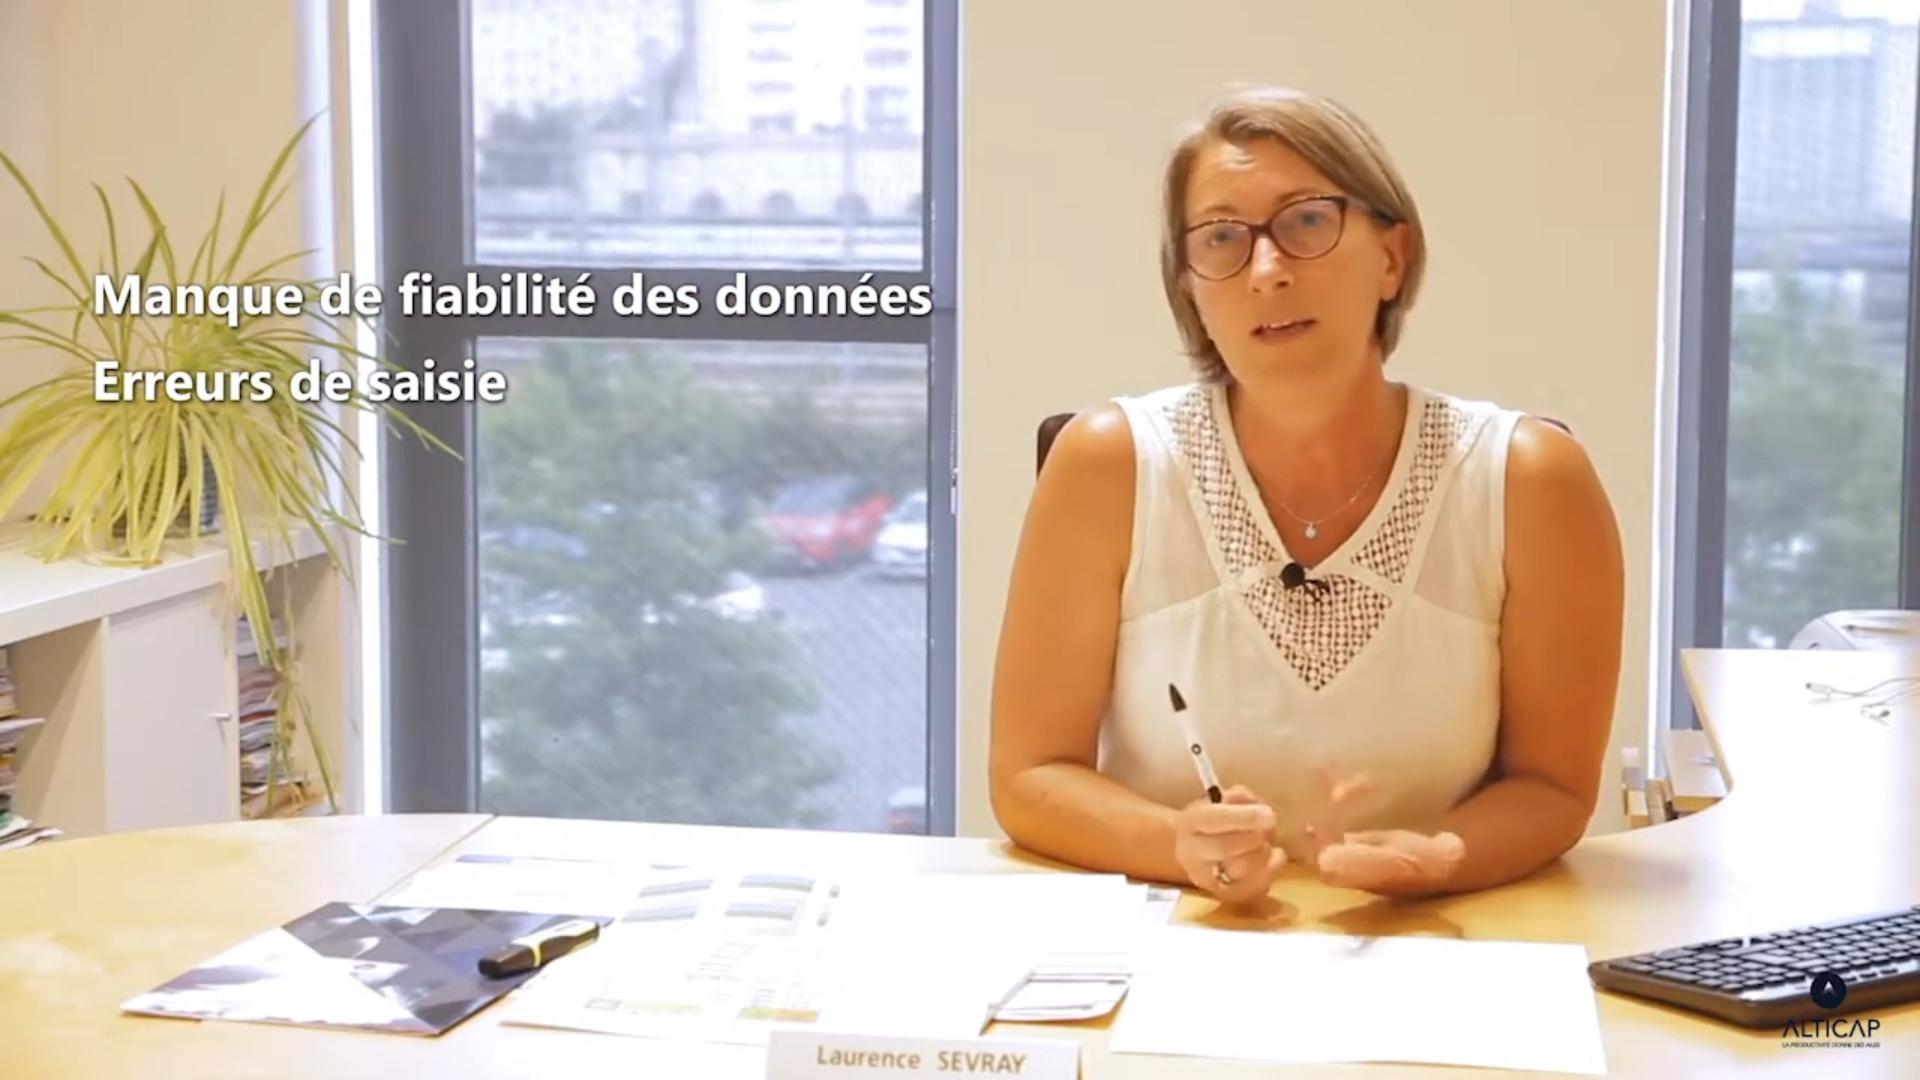 Vignette video présentation onlyreport